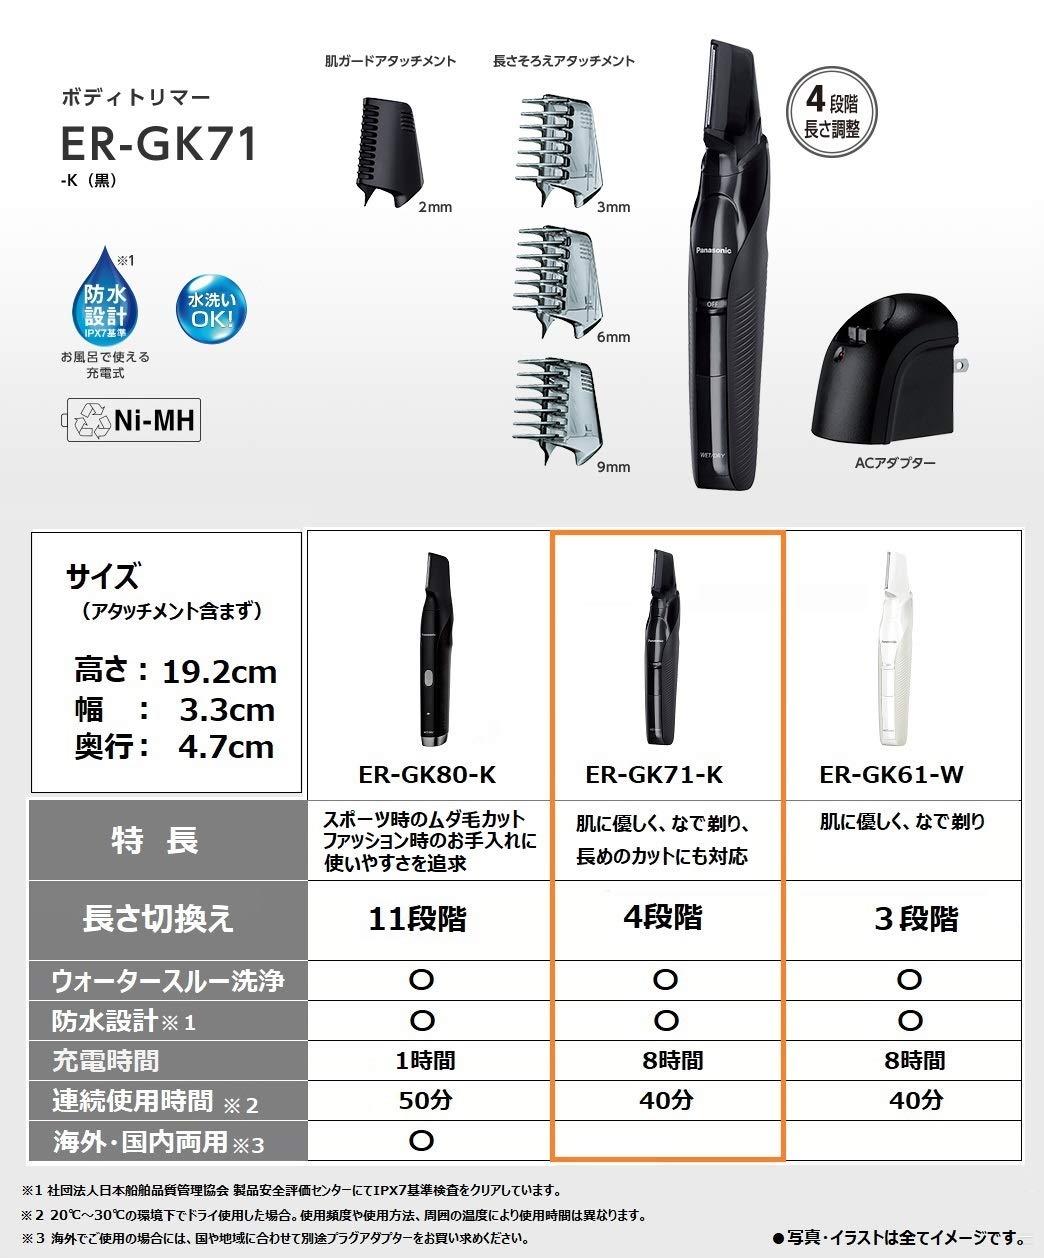 日本公司貨 國際牌 PANASONIC【ER-GK71】除毛刀 毛髮修剪 體毛 水洗 美體修容刀 1